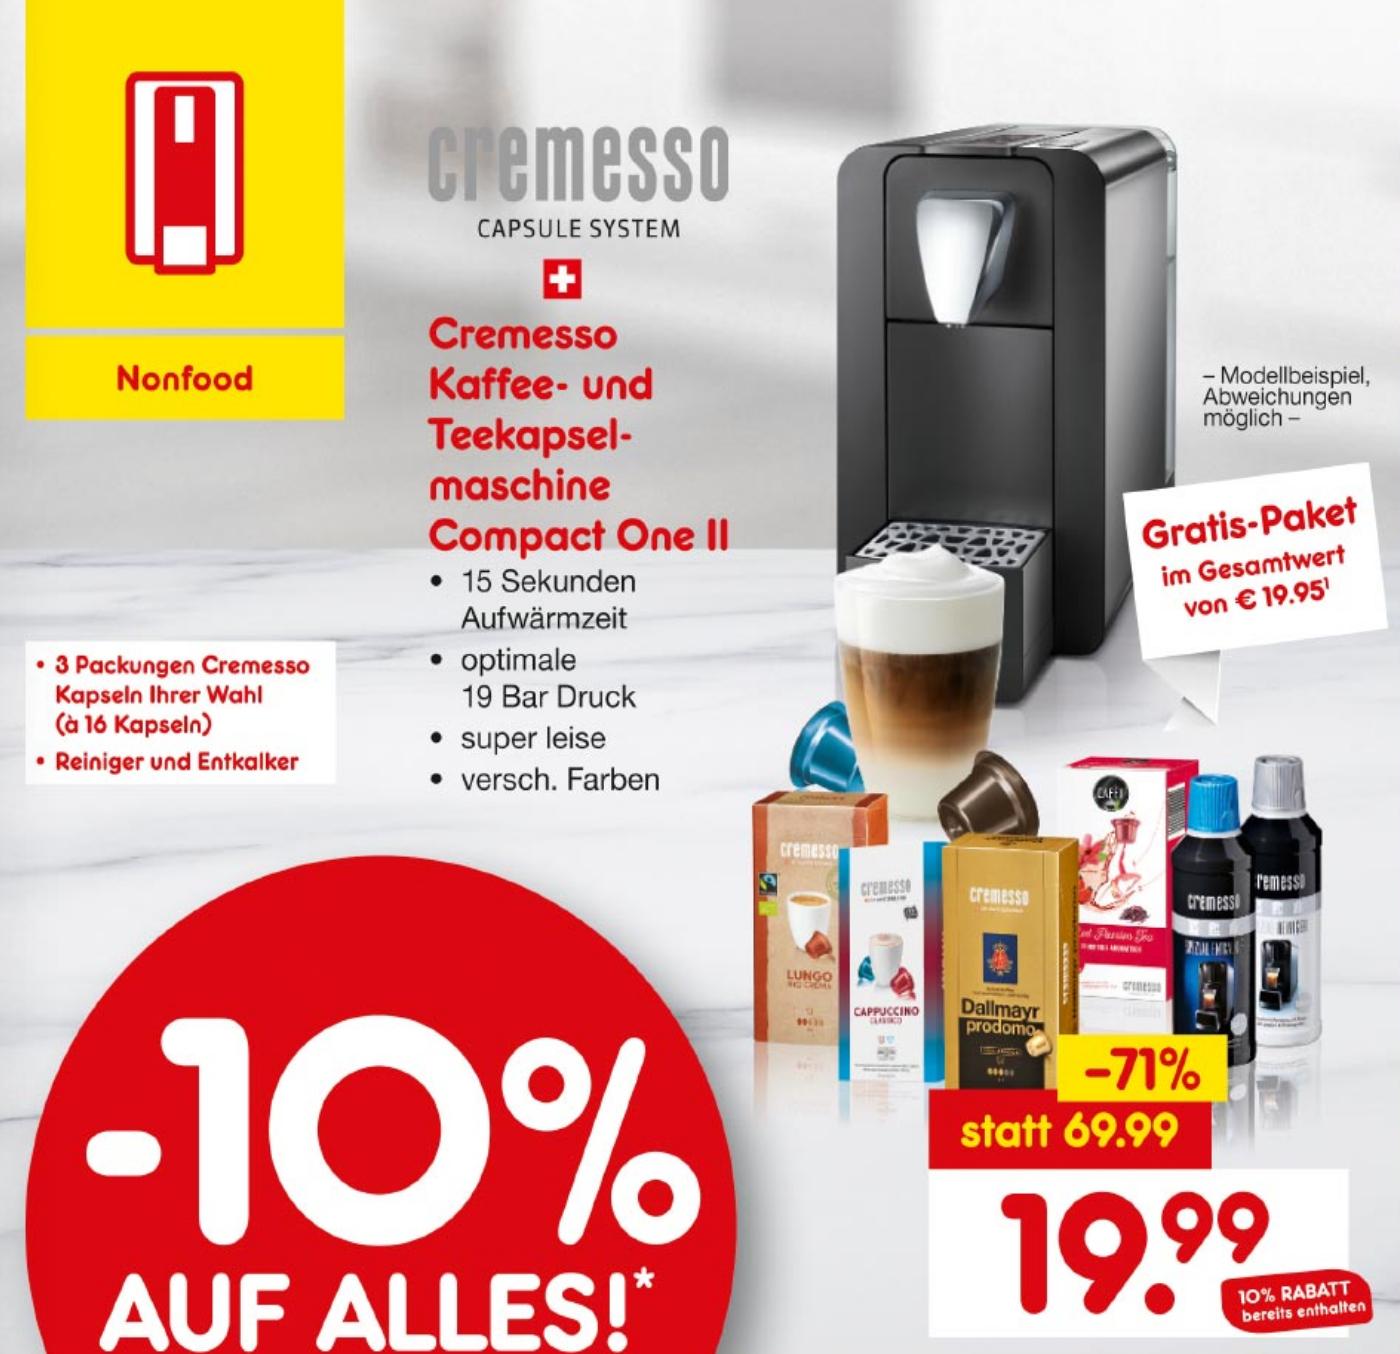 Cremesso Compact One II Kaffee- und Teekapsel-Maschine inkl. 48 Kapseln nach Wahl // und 10% Auf Alles [Lokal Netto Braunschweig Nordstraße]